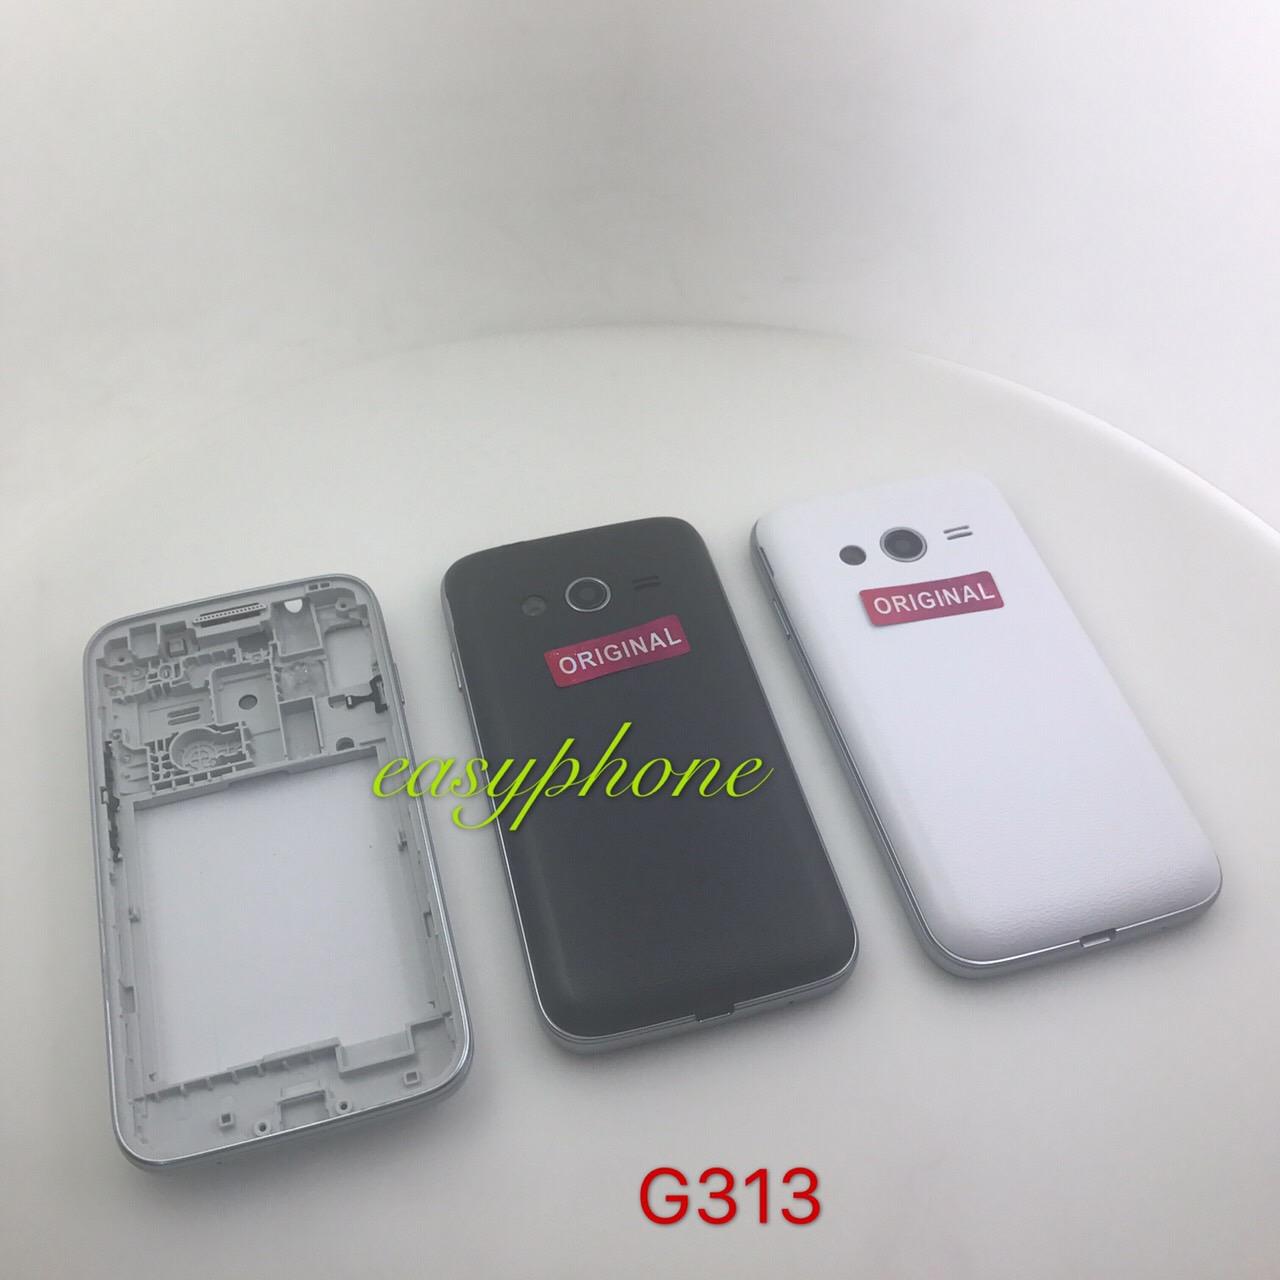 หน้ากาก Samsung G313